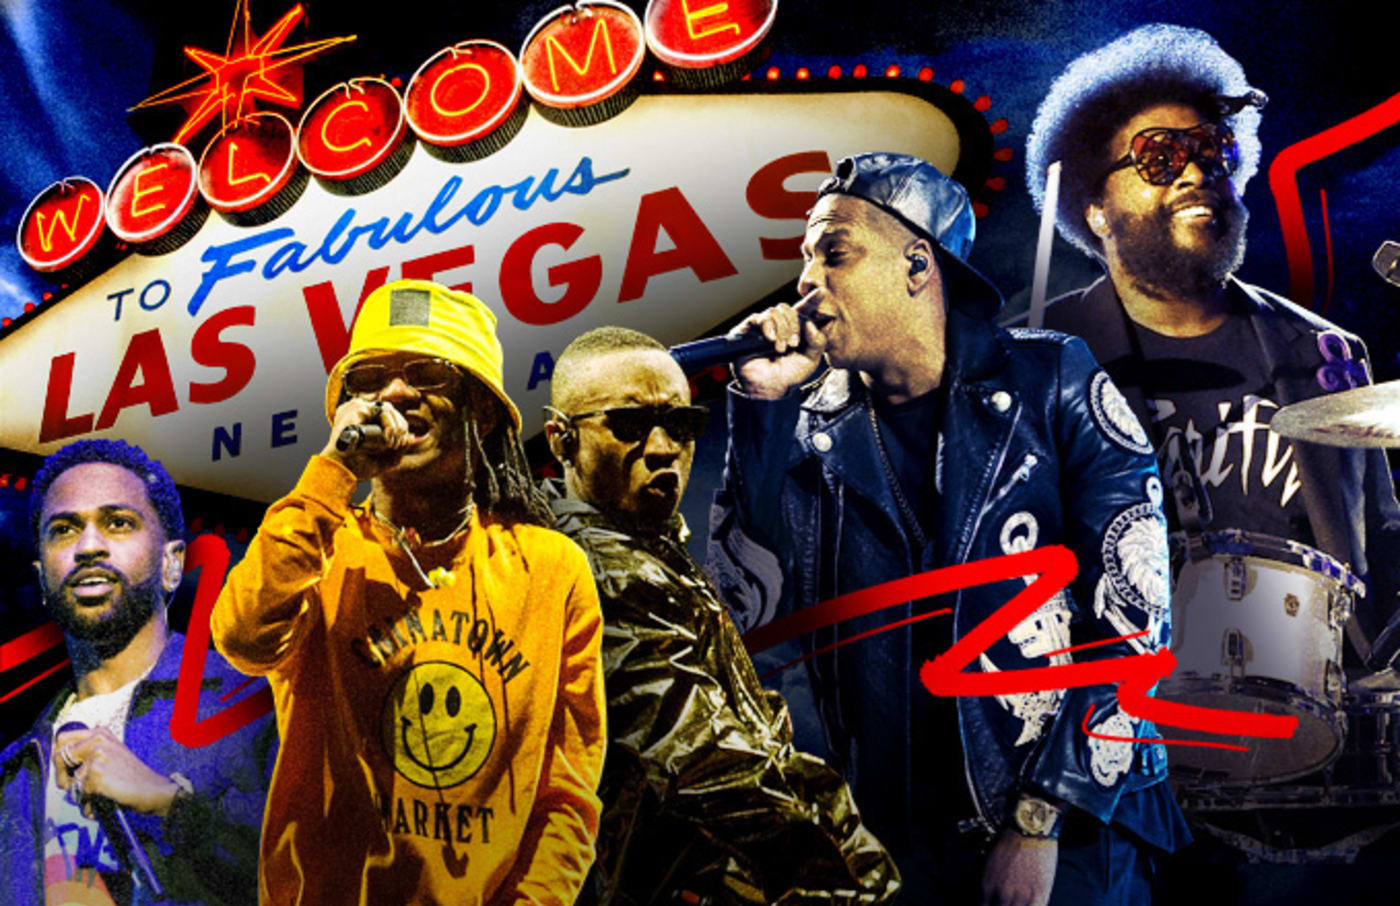 lvcva rappers lead image